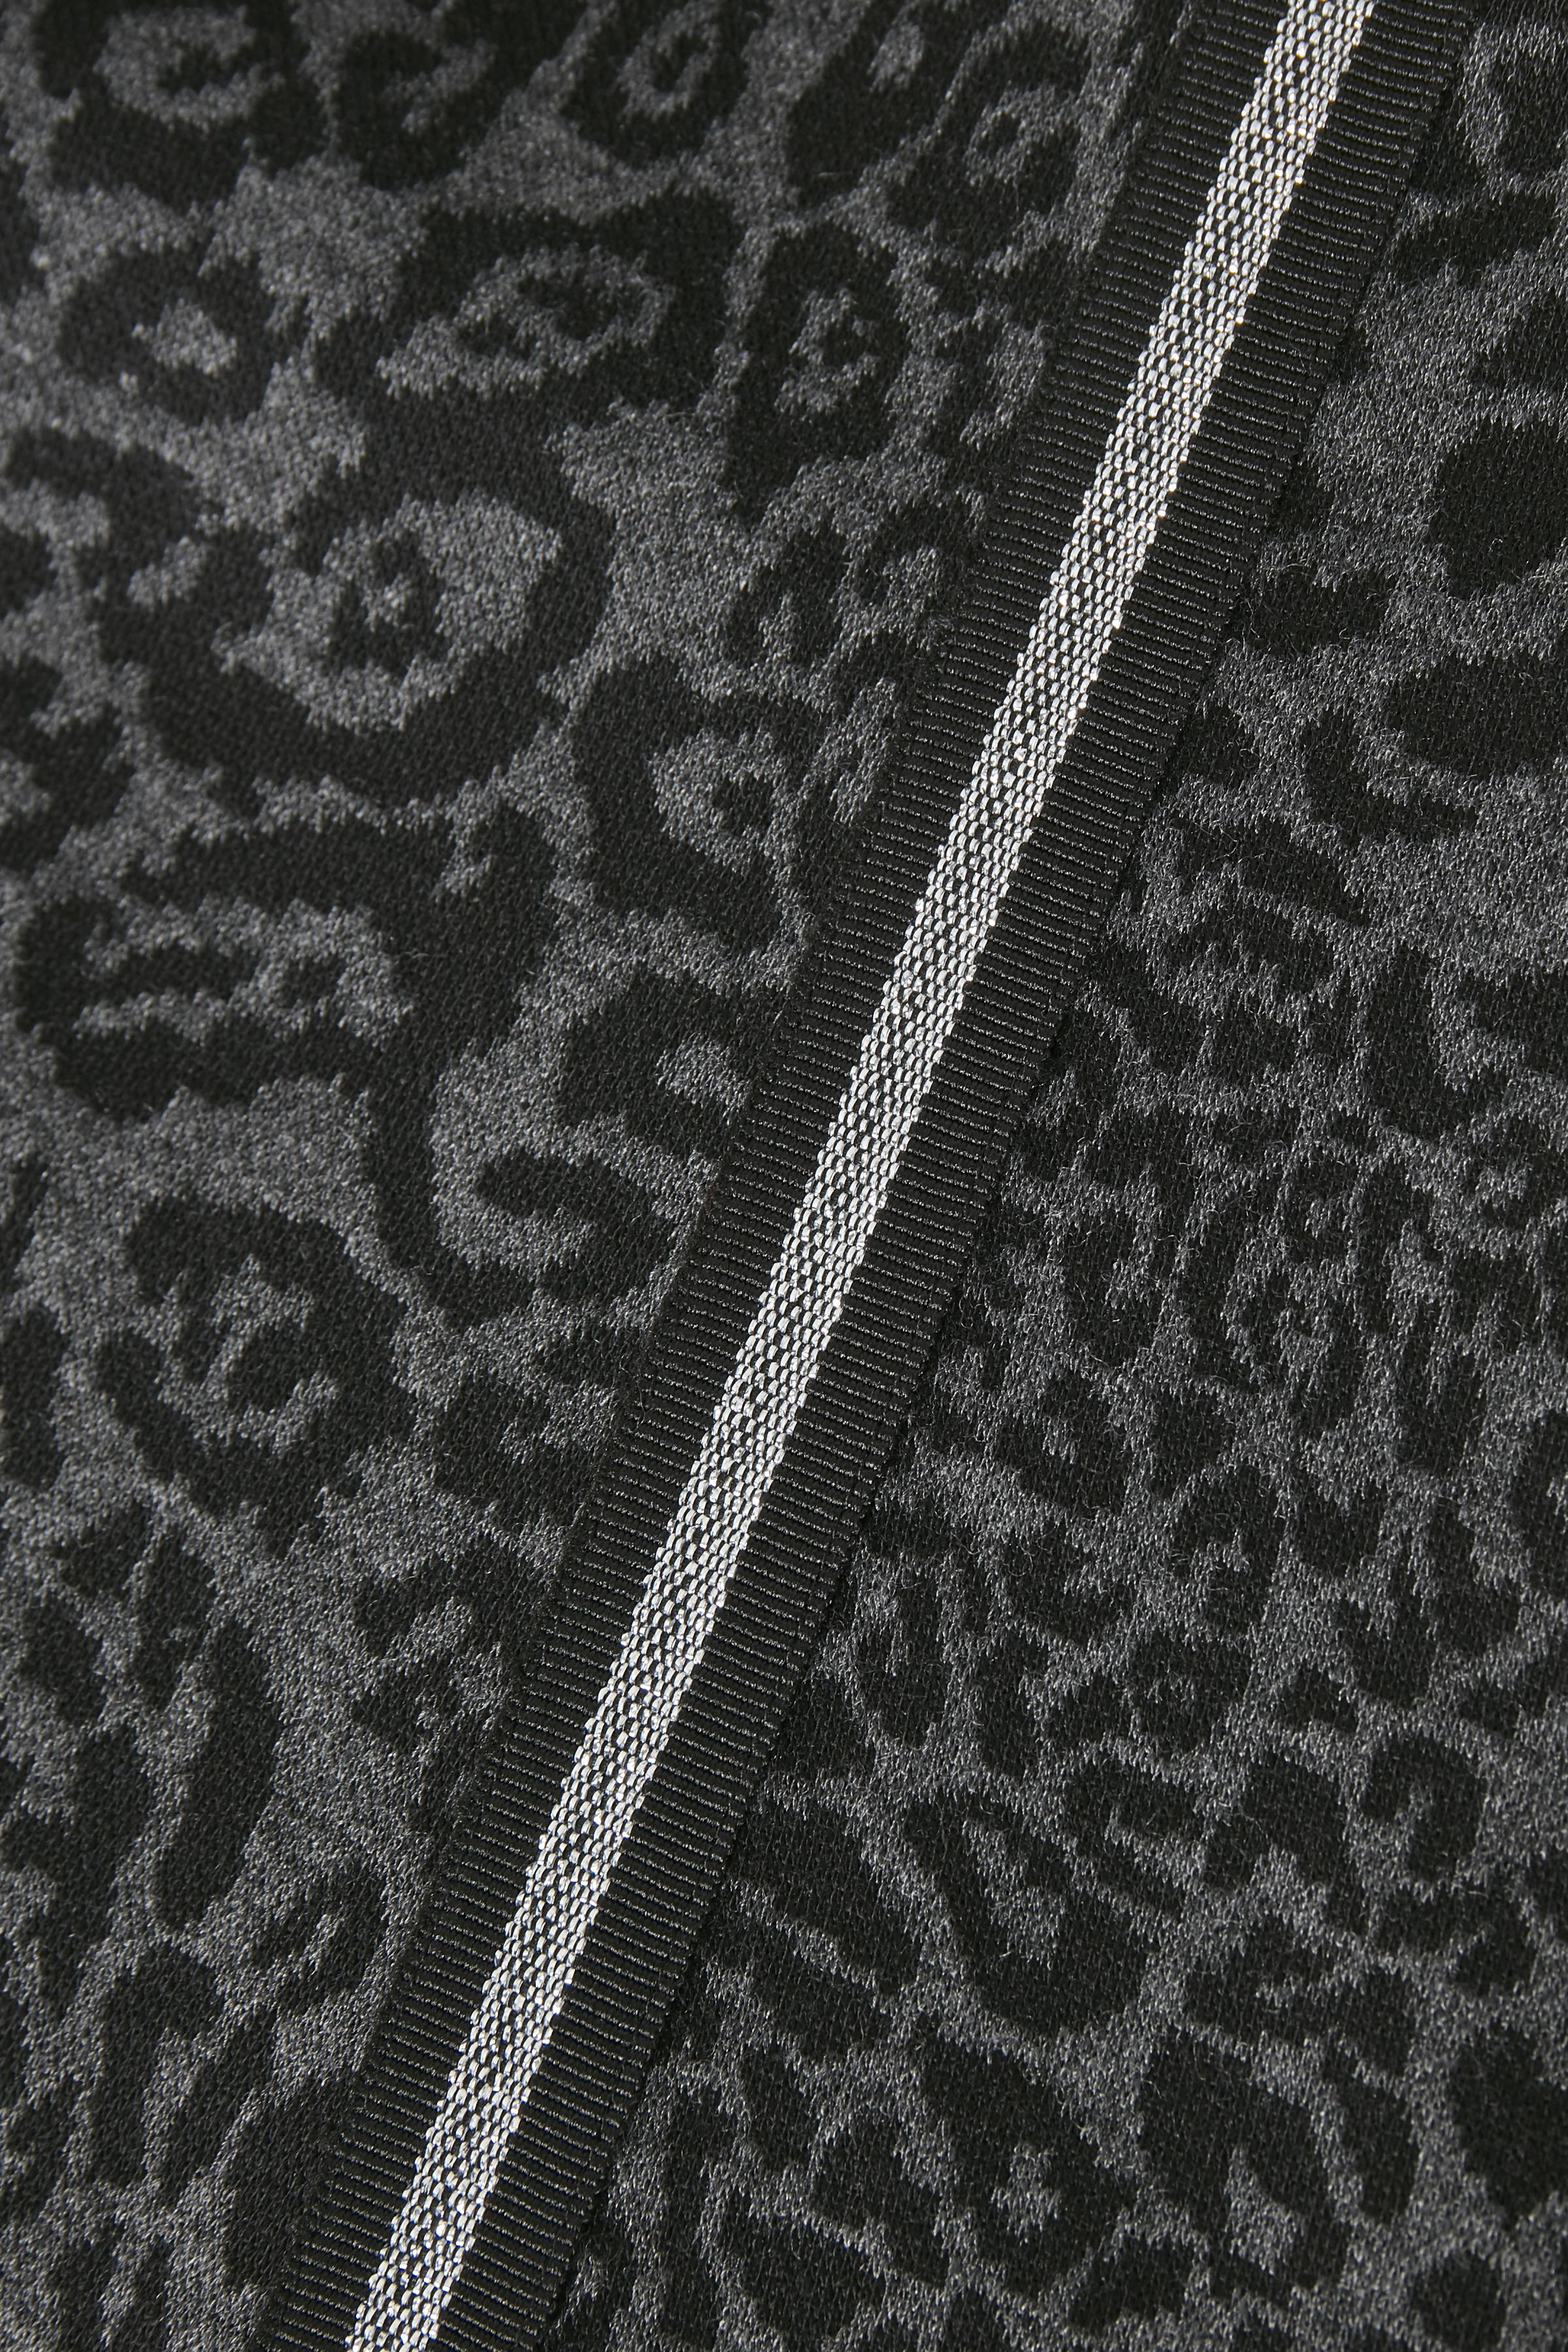 Schwarz/grau Strickkleid von Bon'A Parte – Shoppen Sie Schwarz/grau Strickkleid ab Gr. S-2XL hier